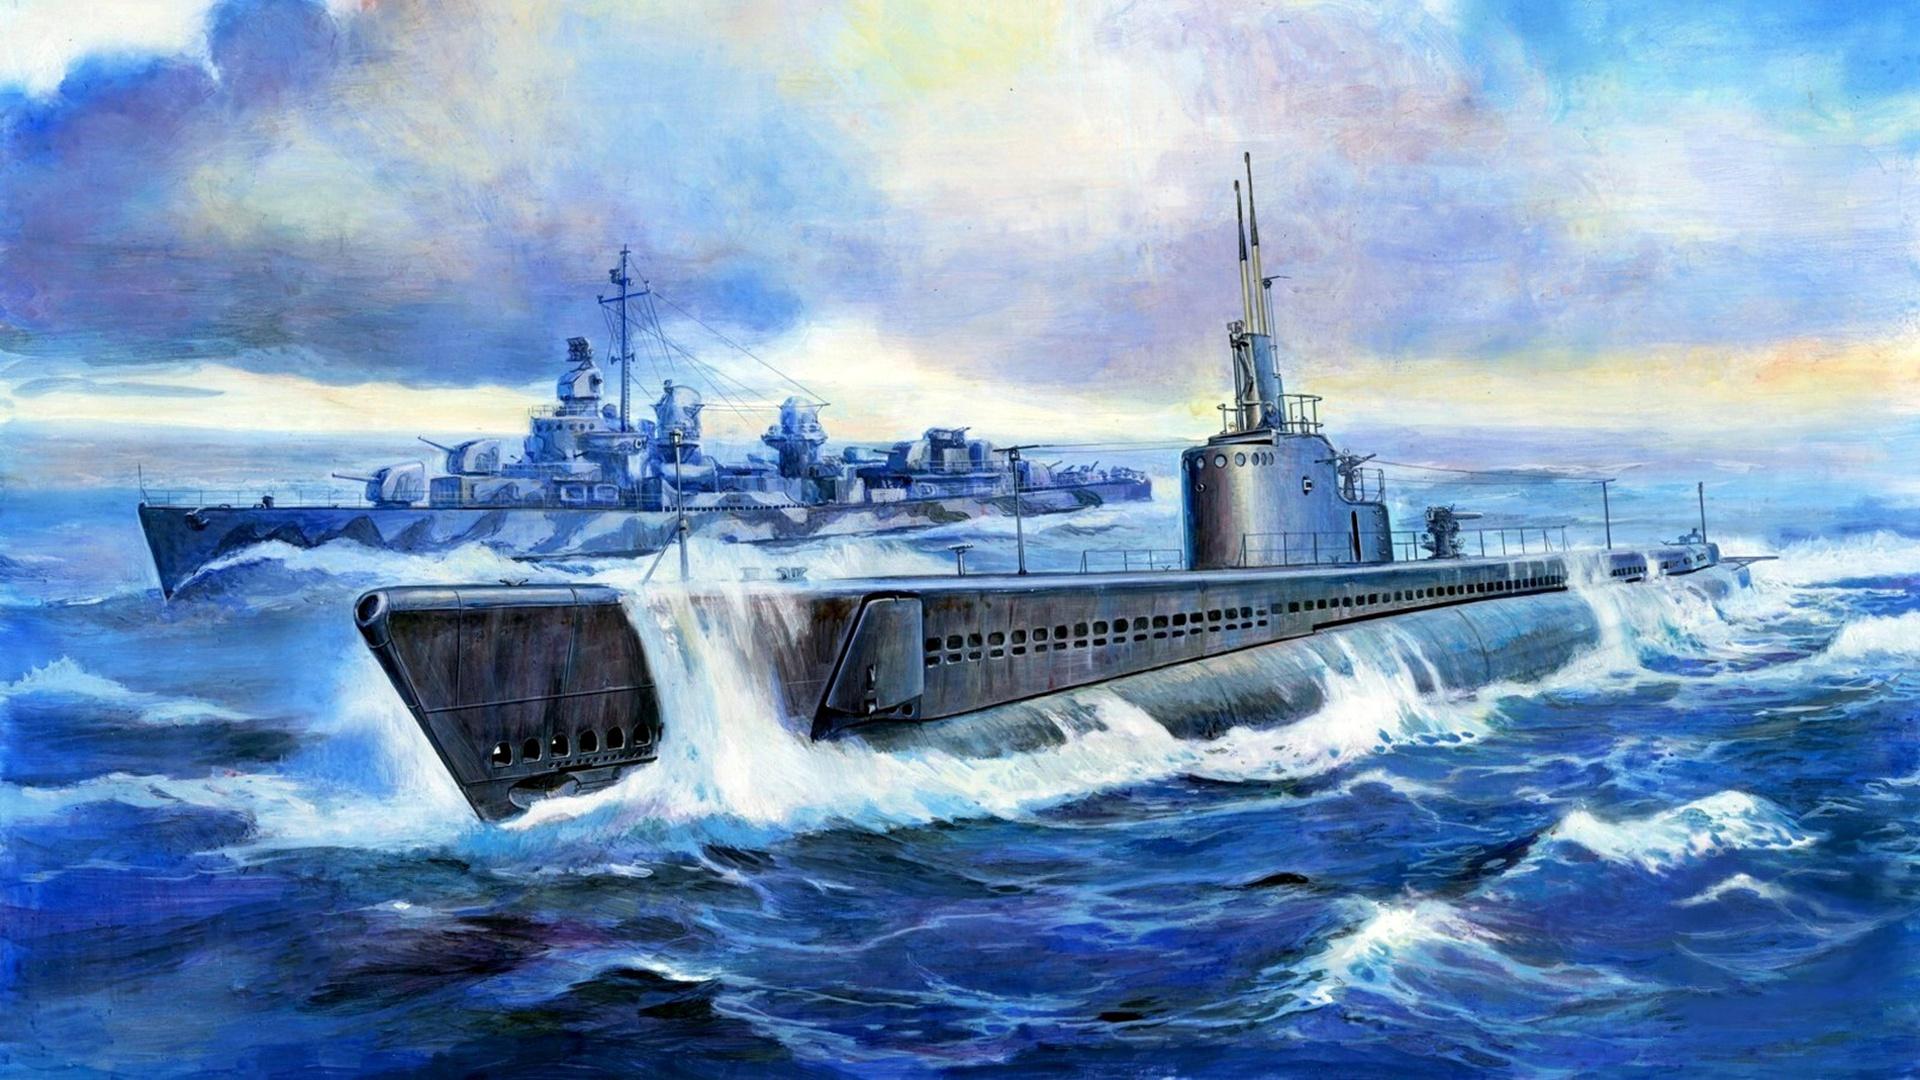 Подводные лодки крейсерские и современные картинки астрономия